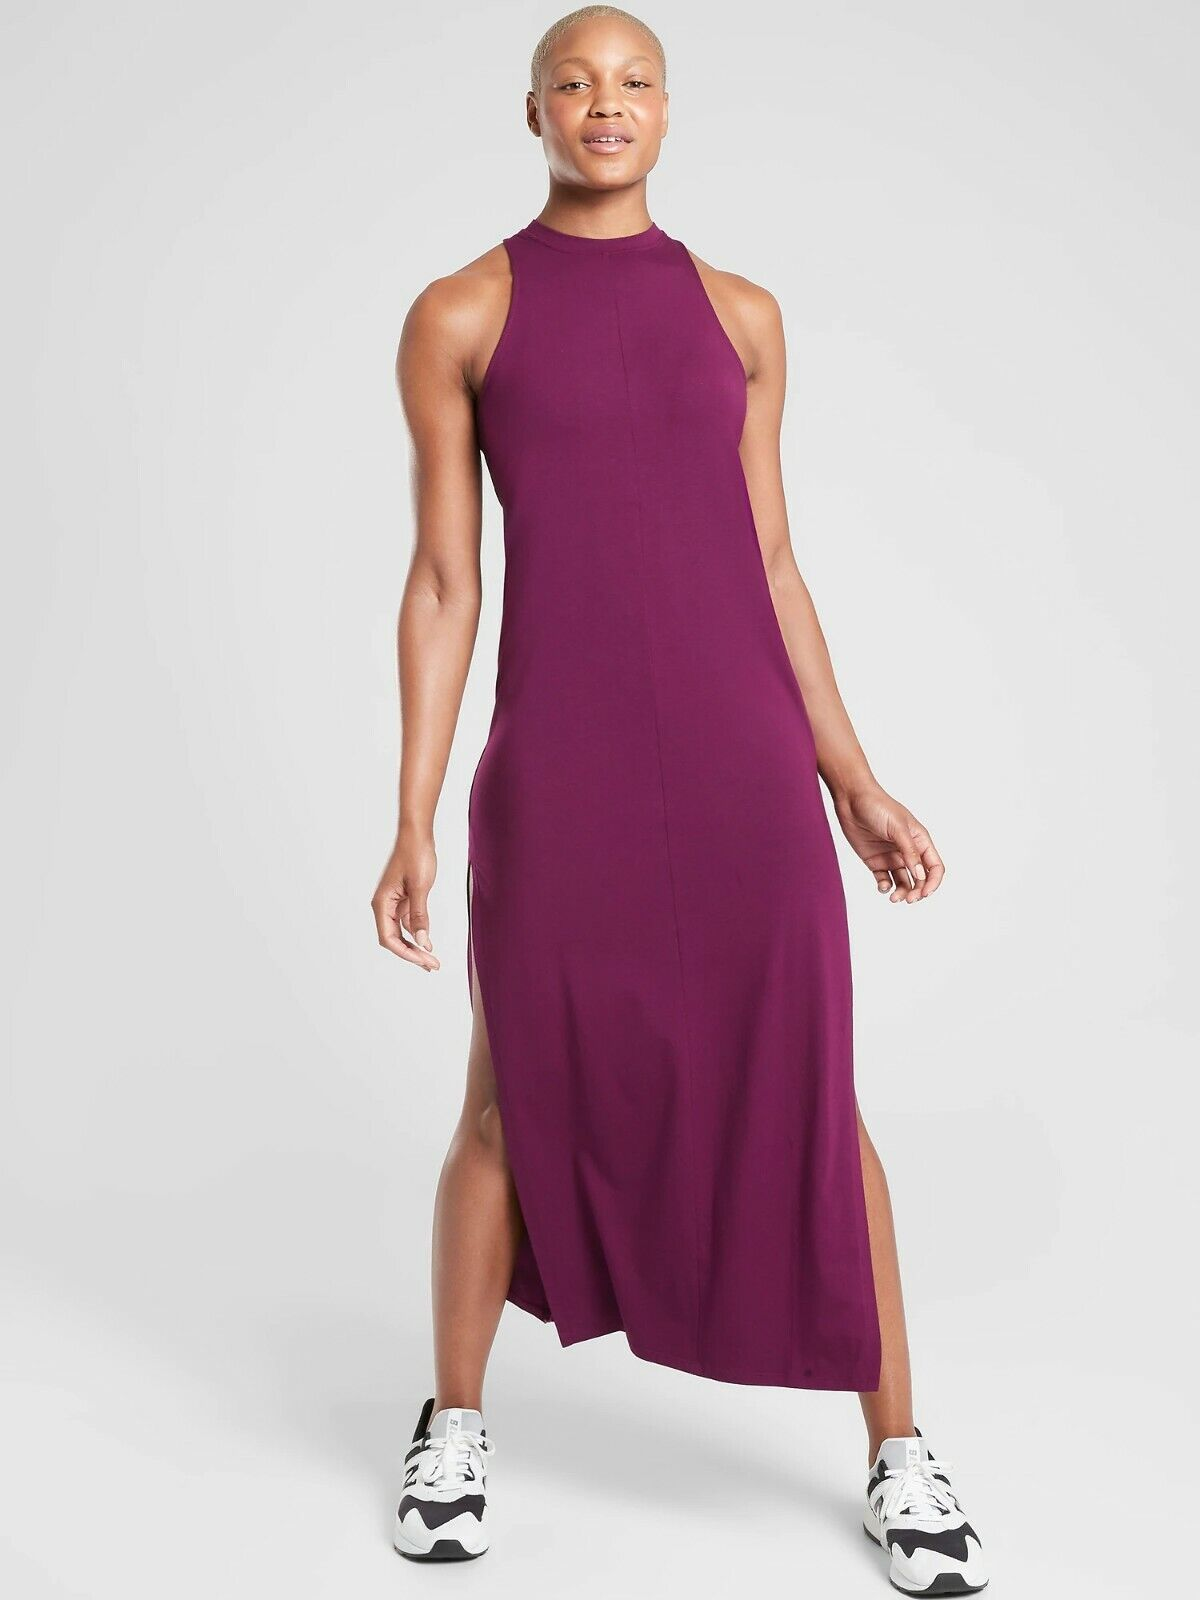 Details about  /Athleta Destination Maxi Dress Size XS Black NWT #531179